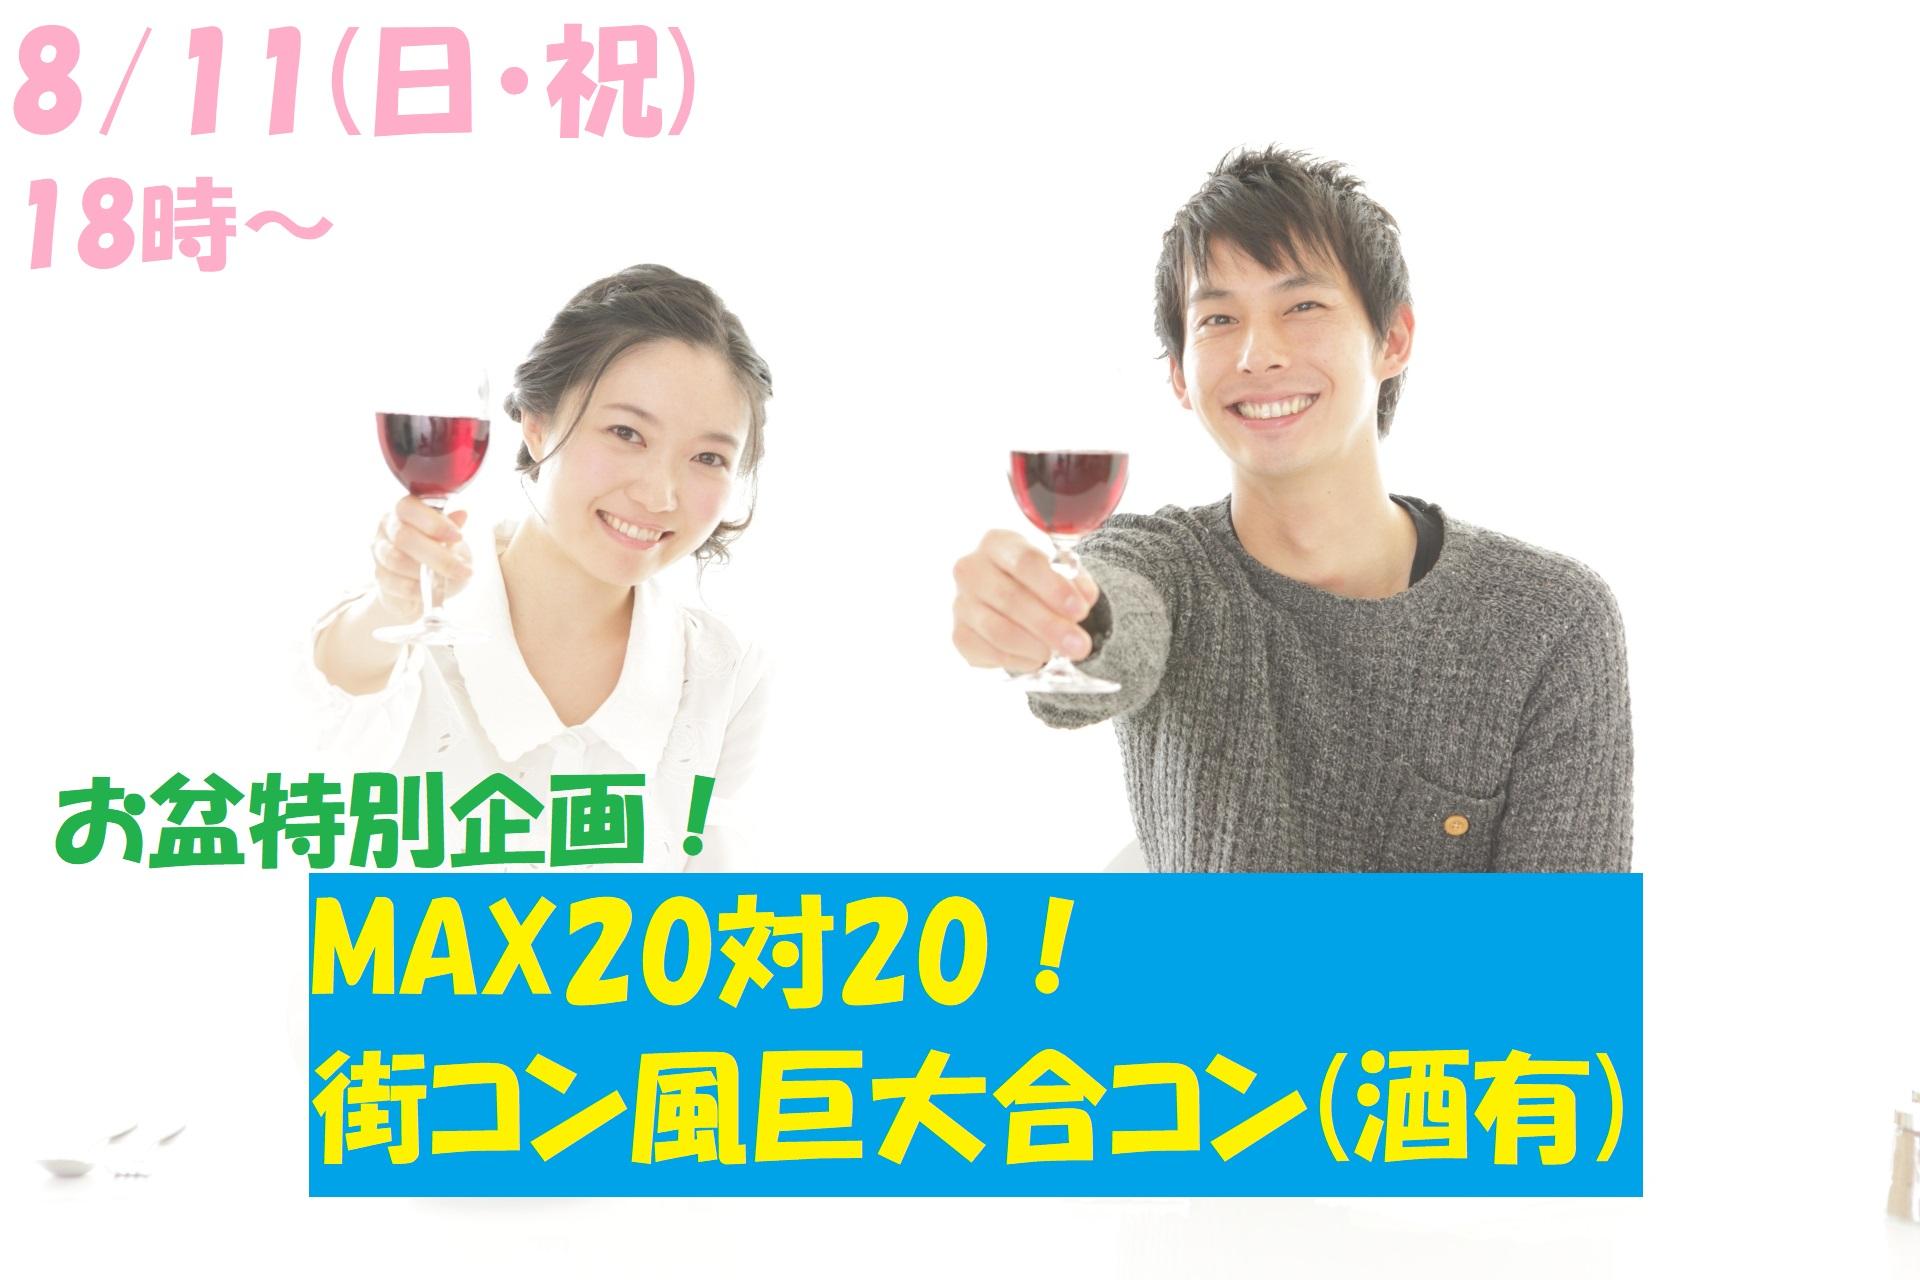 【終了】8月11日(日・祝)18時~お盆特別企画!MAX20対20!街コン風巨大合コン(お酒有)